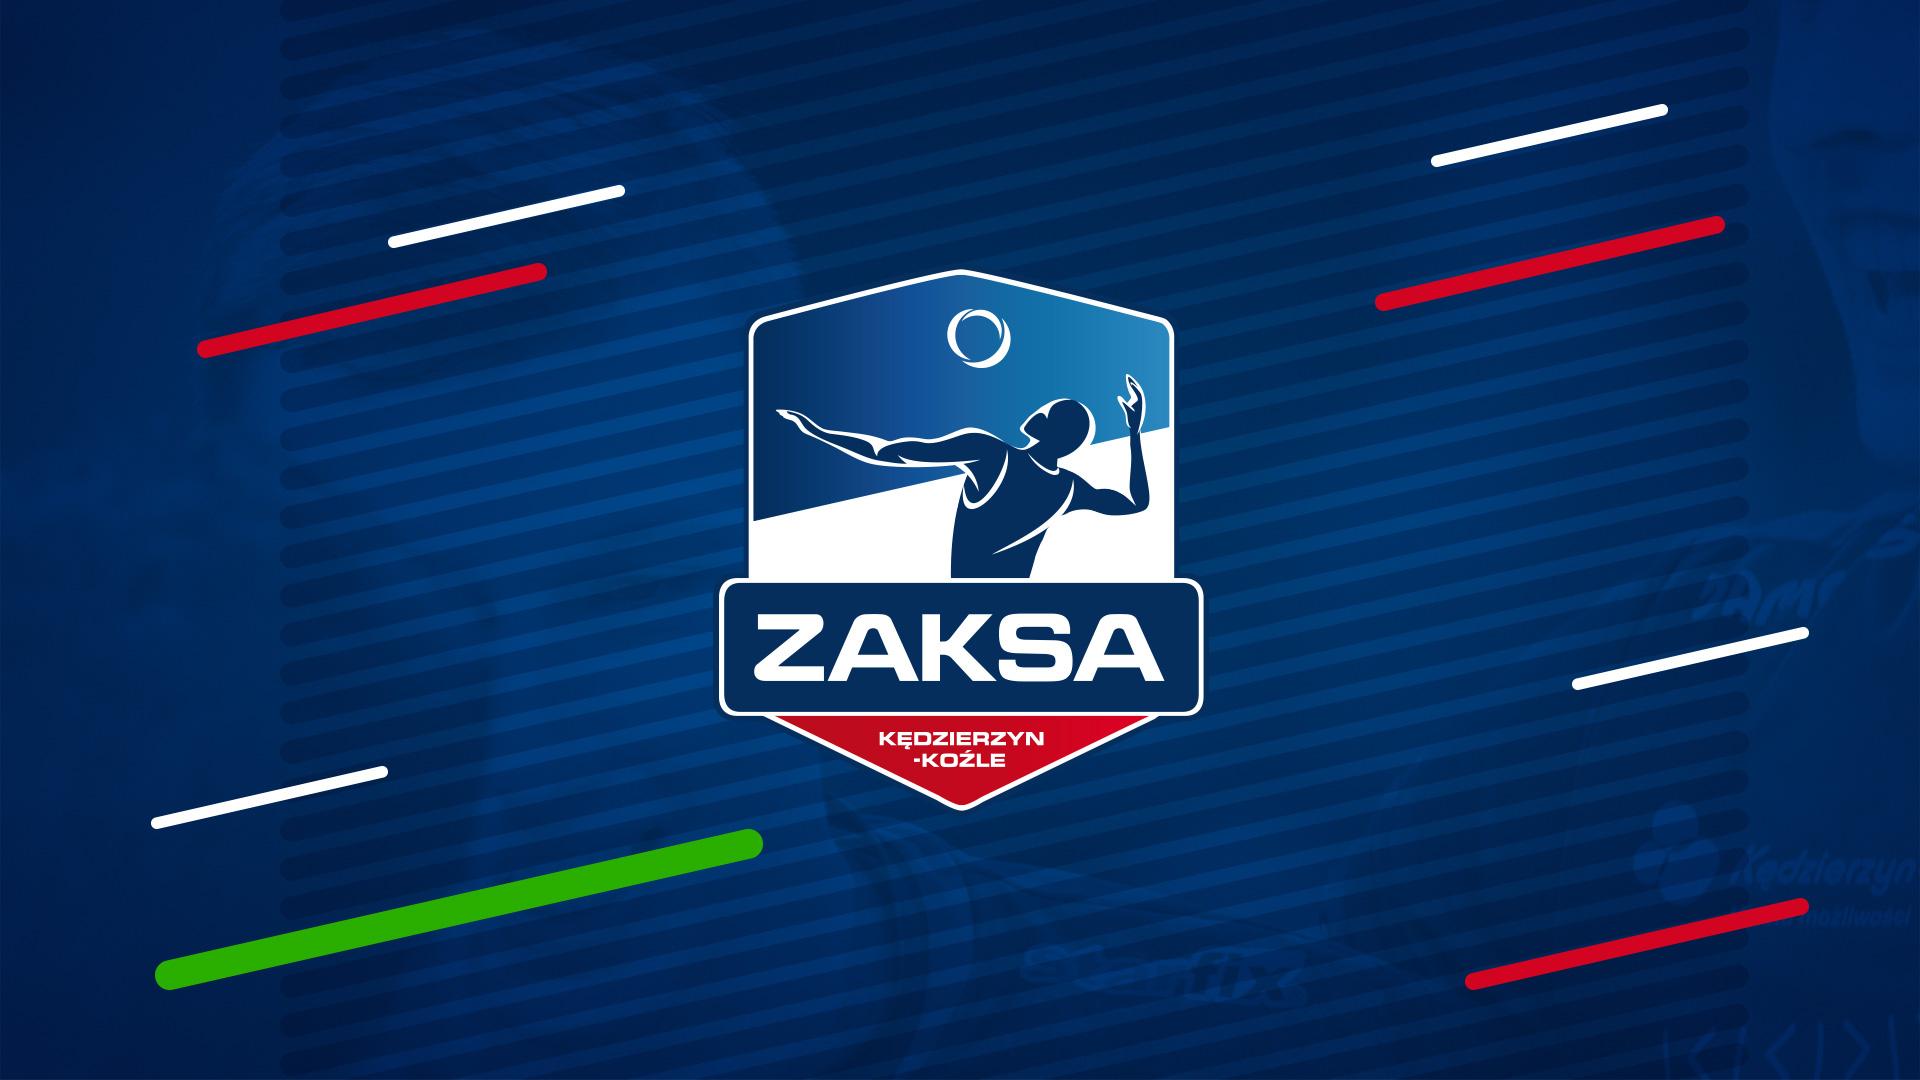 Grupa Azoty ZAKSA Kędzierzyn-Koźle – mistrz Polski z nową nazwą